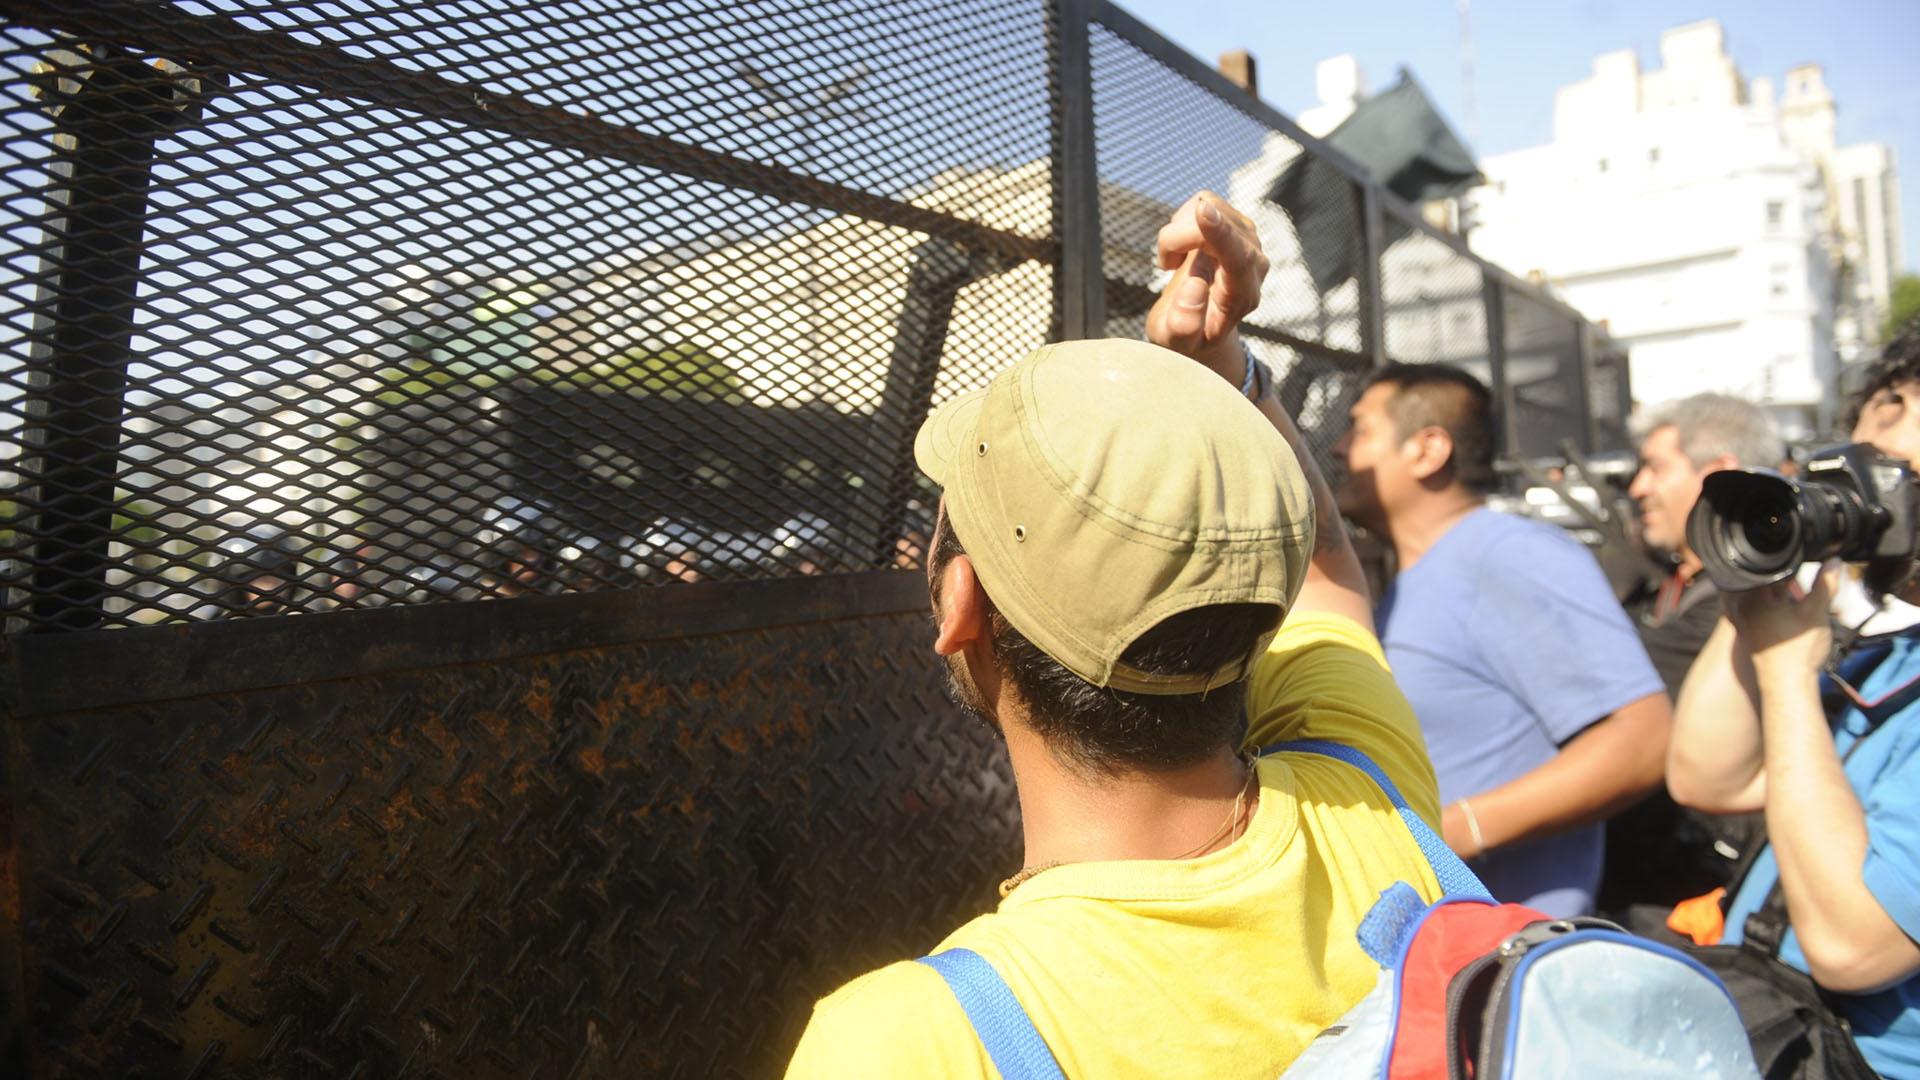 Durante la protesta hubo más de 2000 efectivos de seguridad custodiando el centro de la ciudad